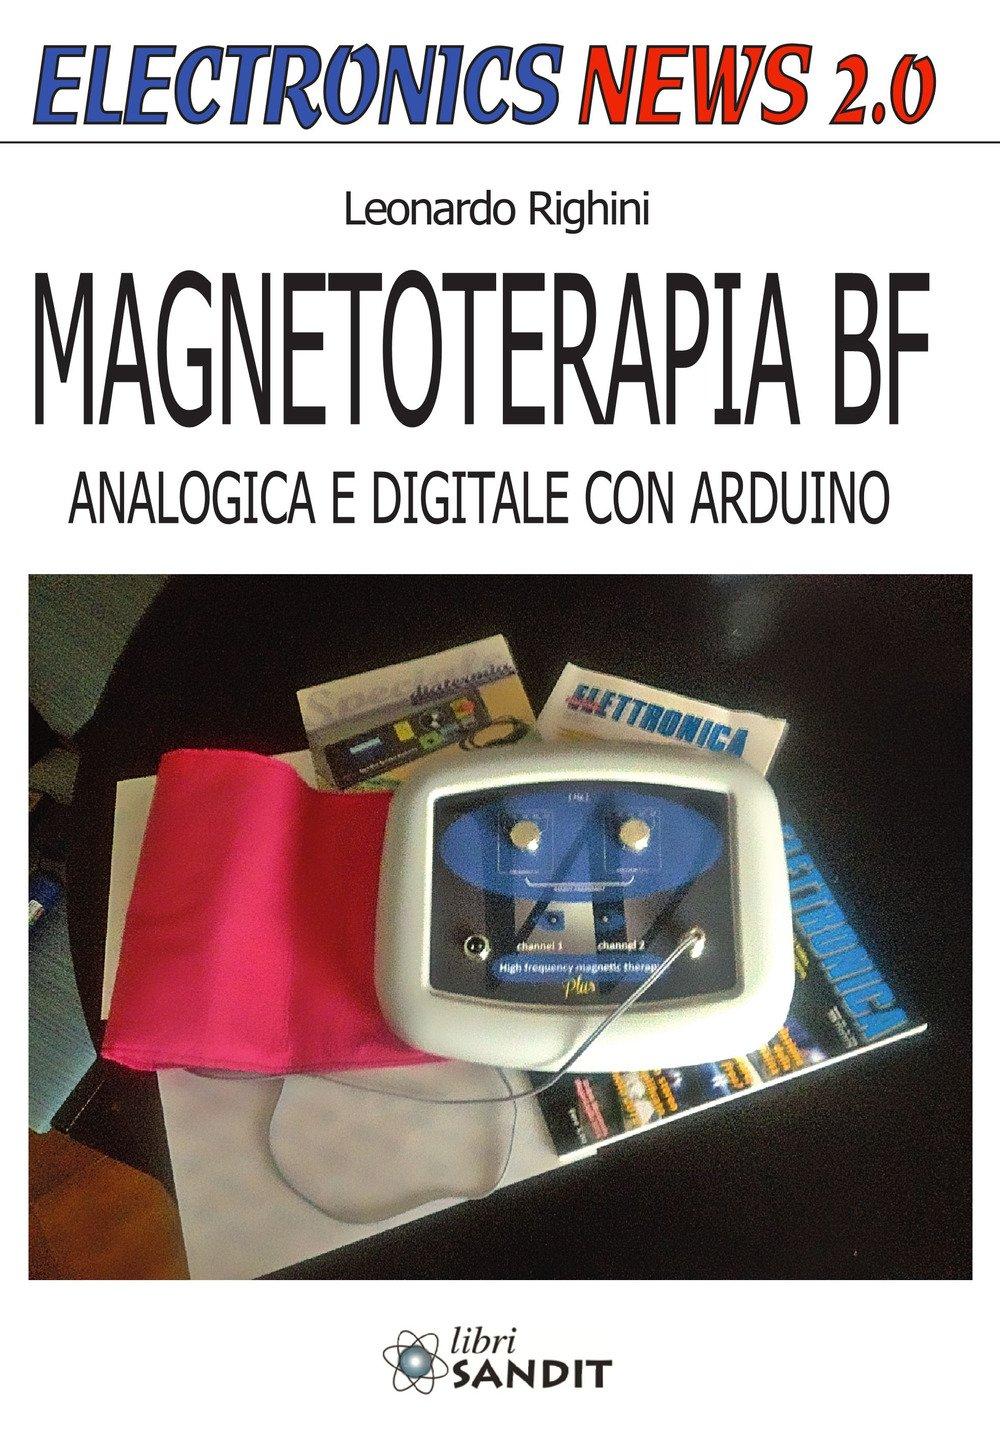 Magnetoterapia BF. Analogica e digitale con Arduino